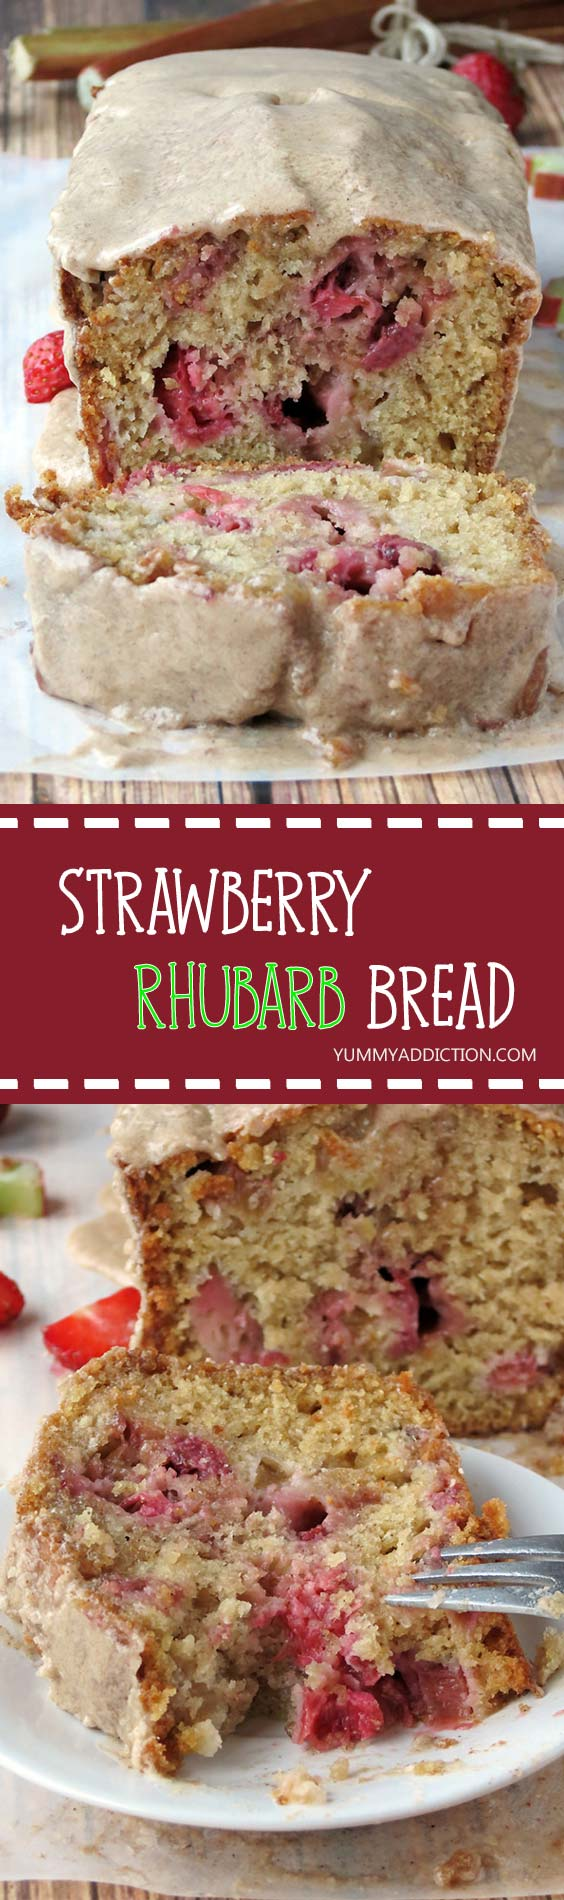 Strawberry Rhubarb Bread Drizzled With Maple Cinnamon Glaze   YummyAddiction.com